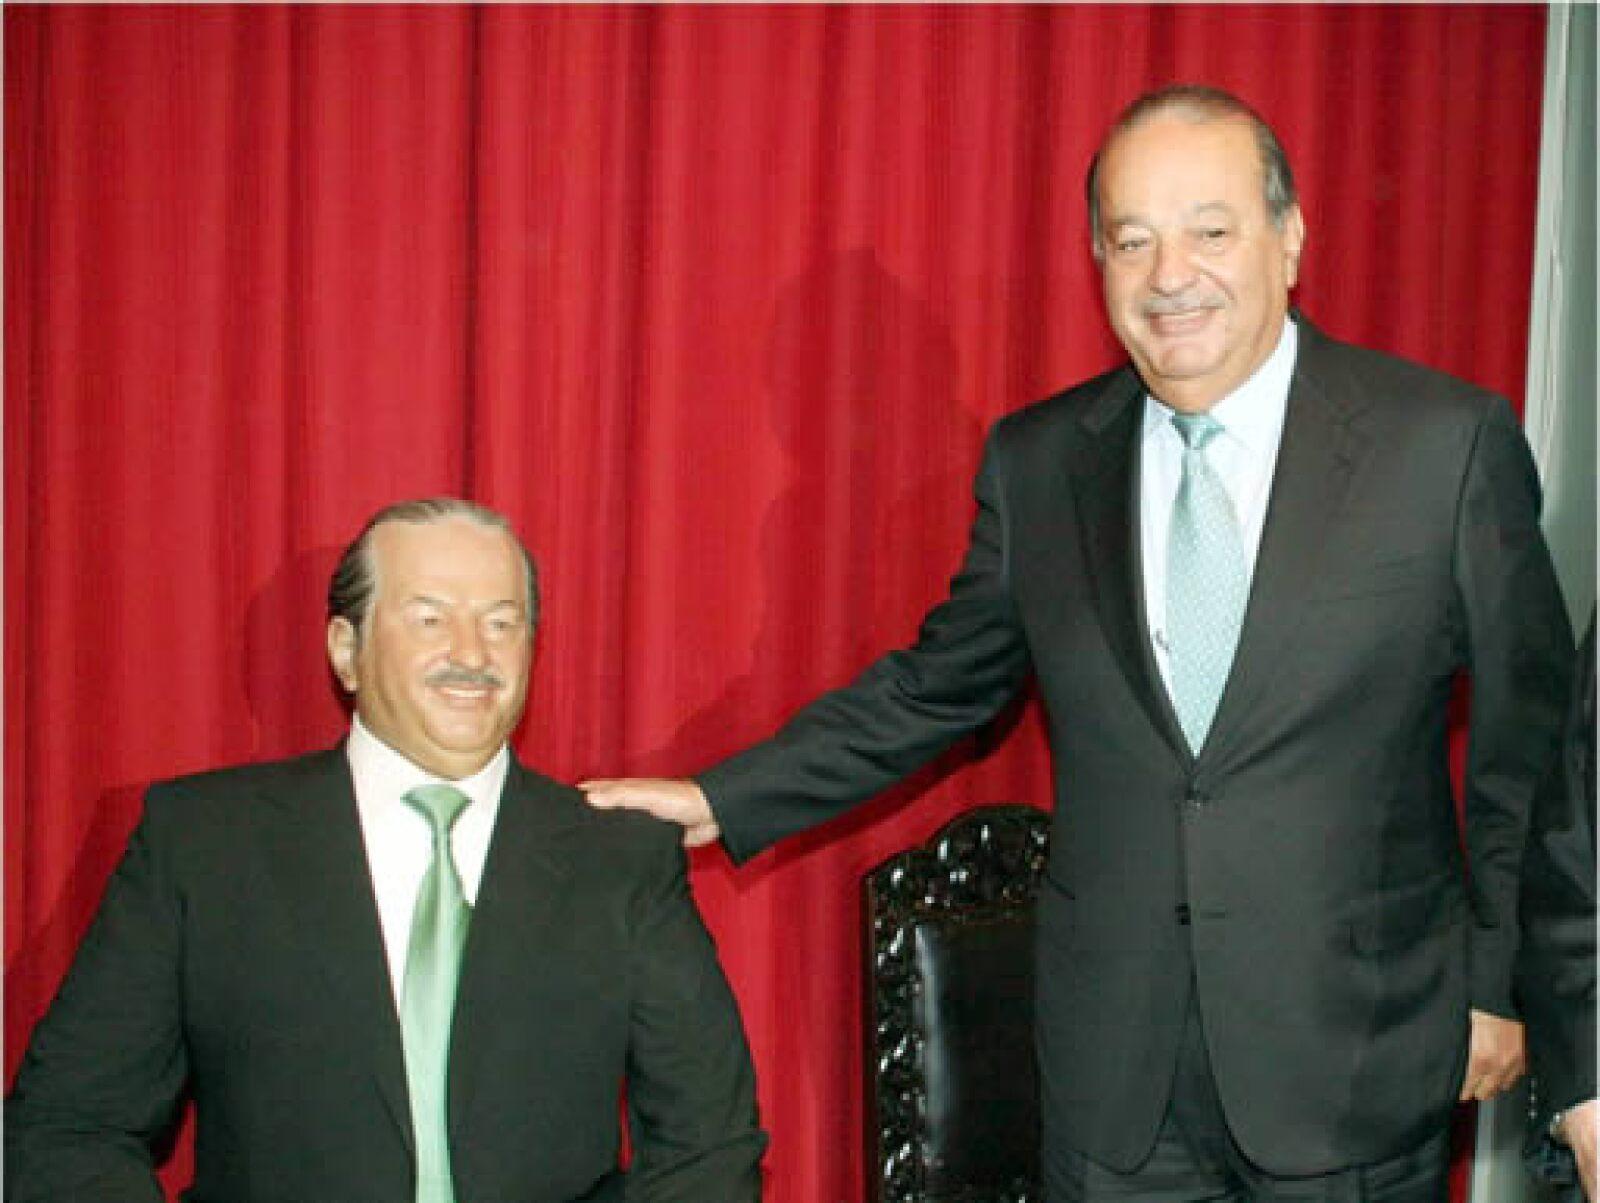 El magnate Carlos Slim se apodera del Museo de Cera de la Ciudad de México.